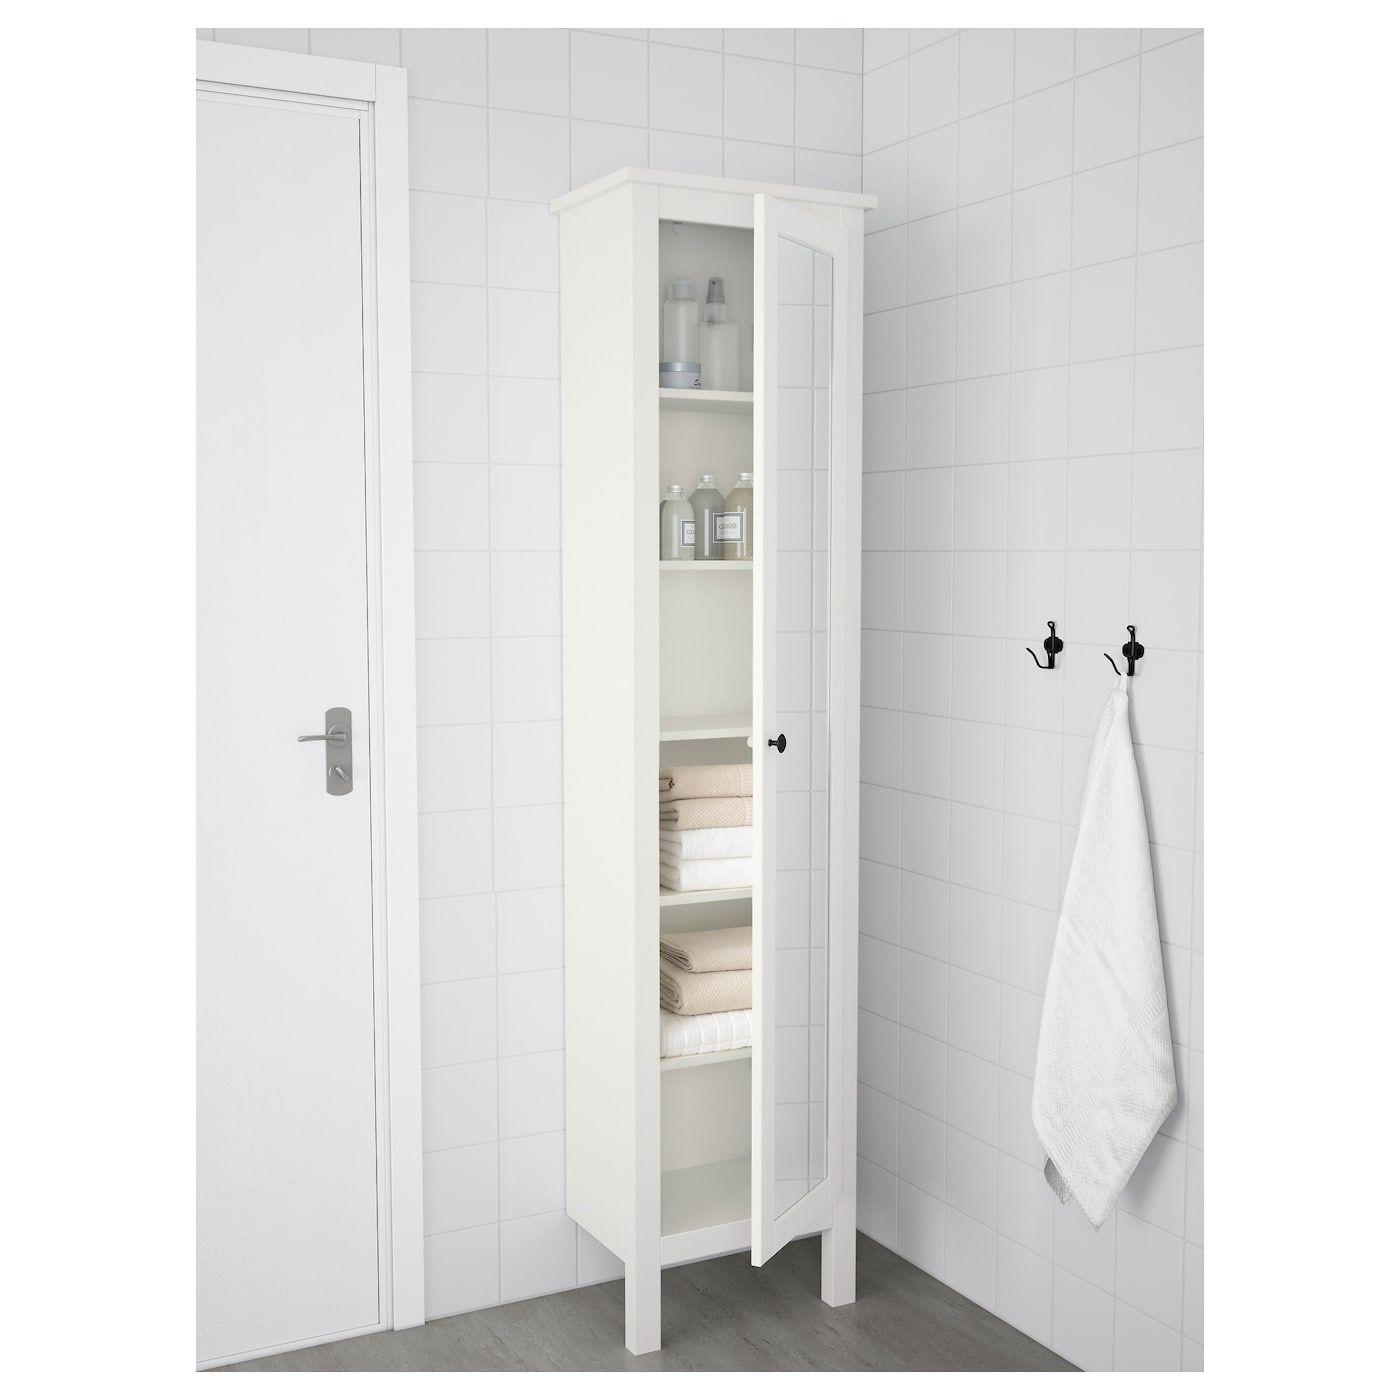 HEMNES Vysoká skrinka so zrkadlom, biela, 4x4x4 cm - IKEA in